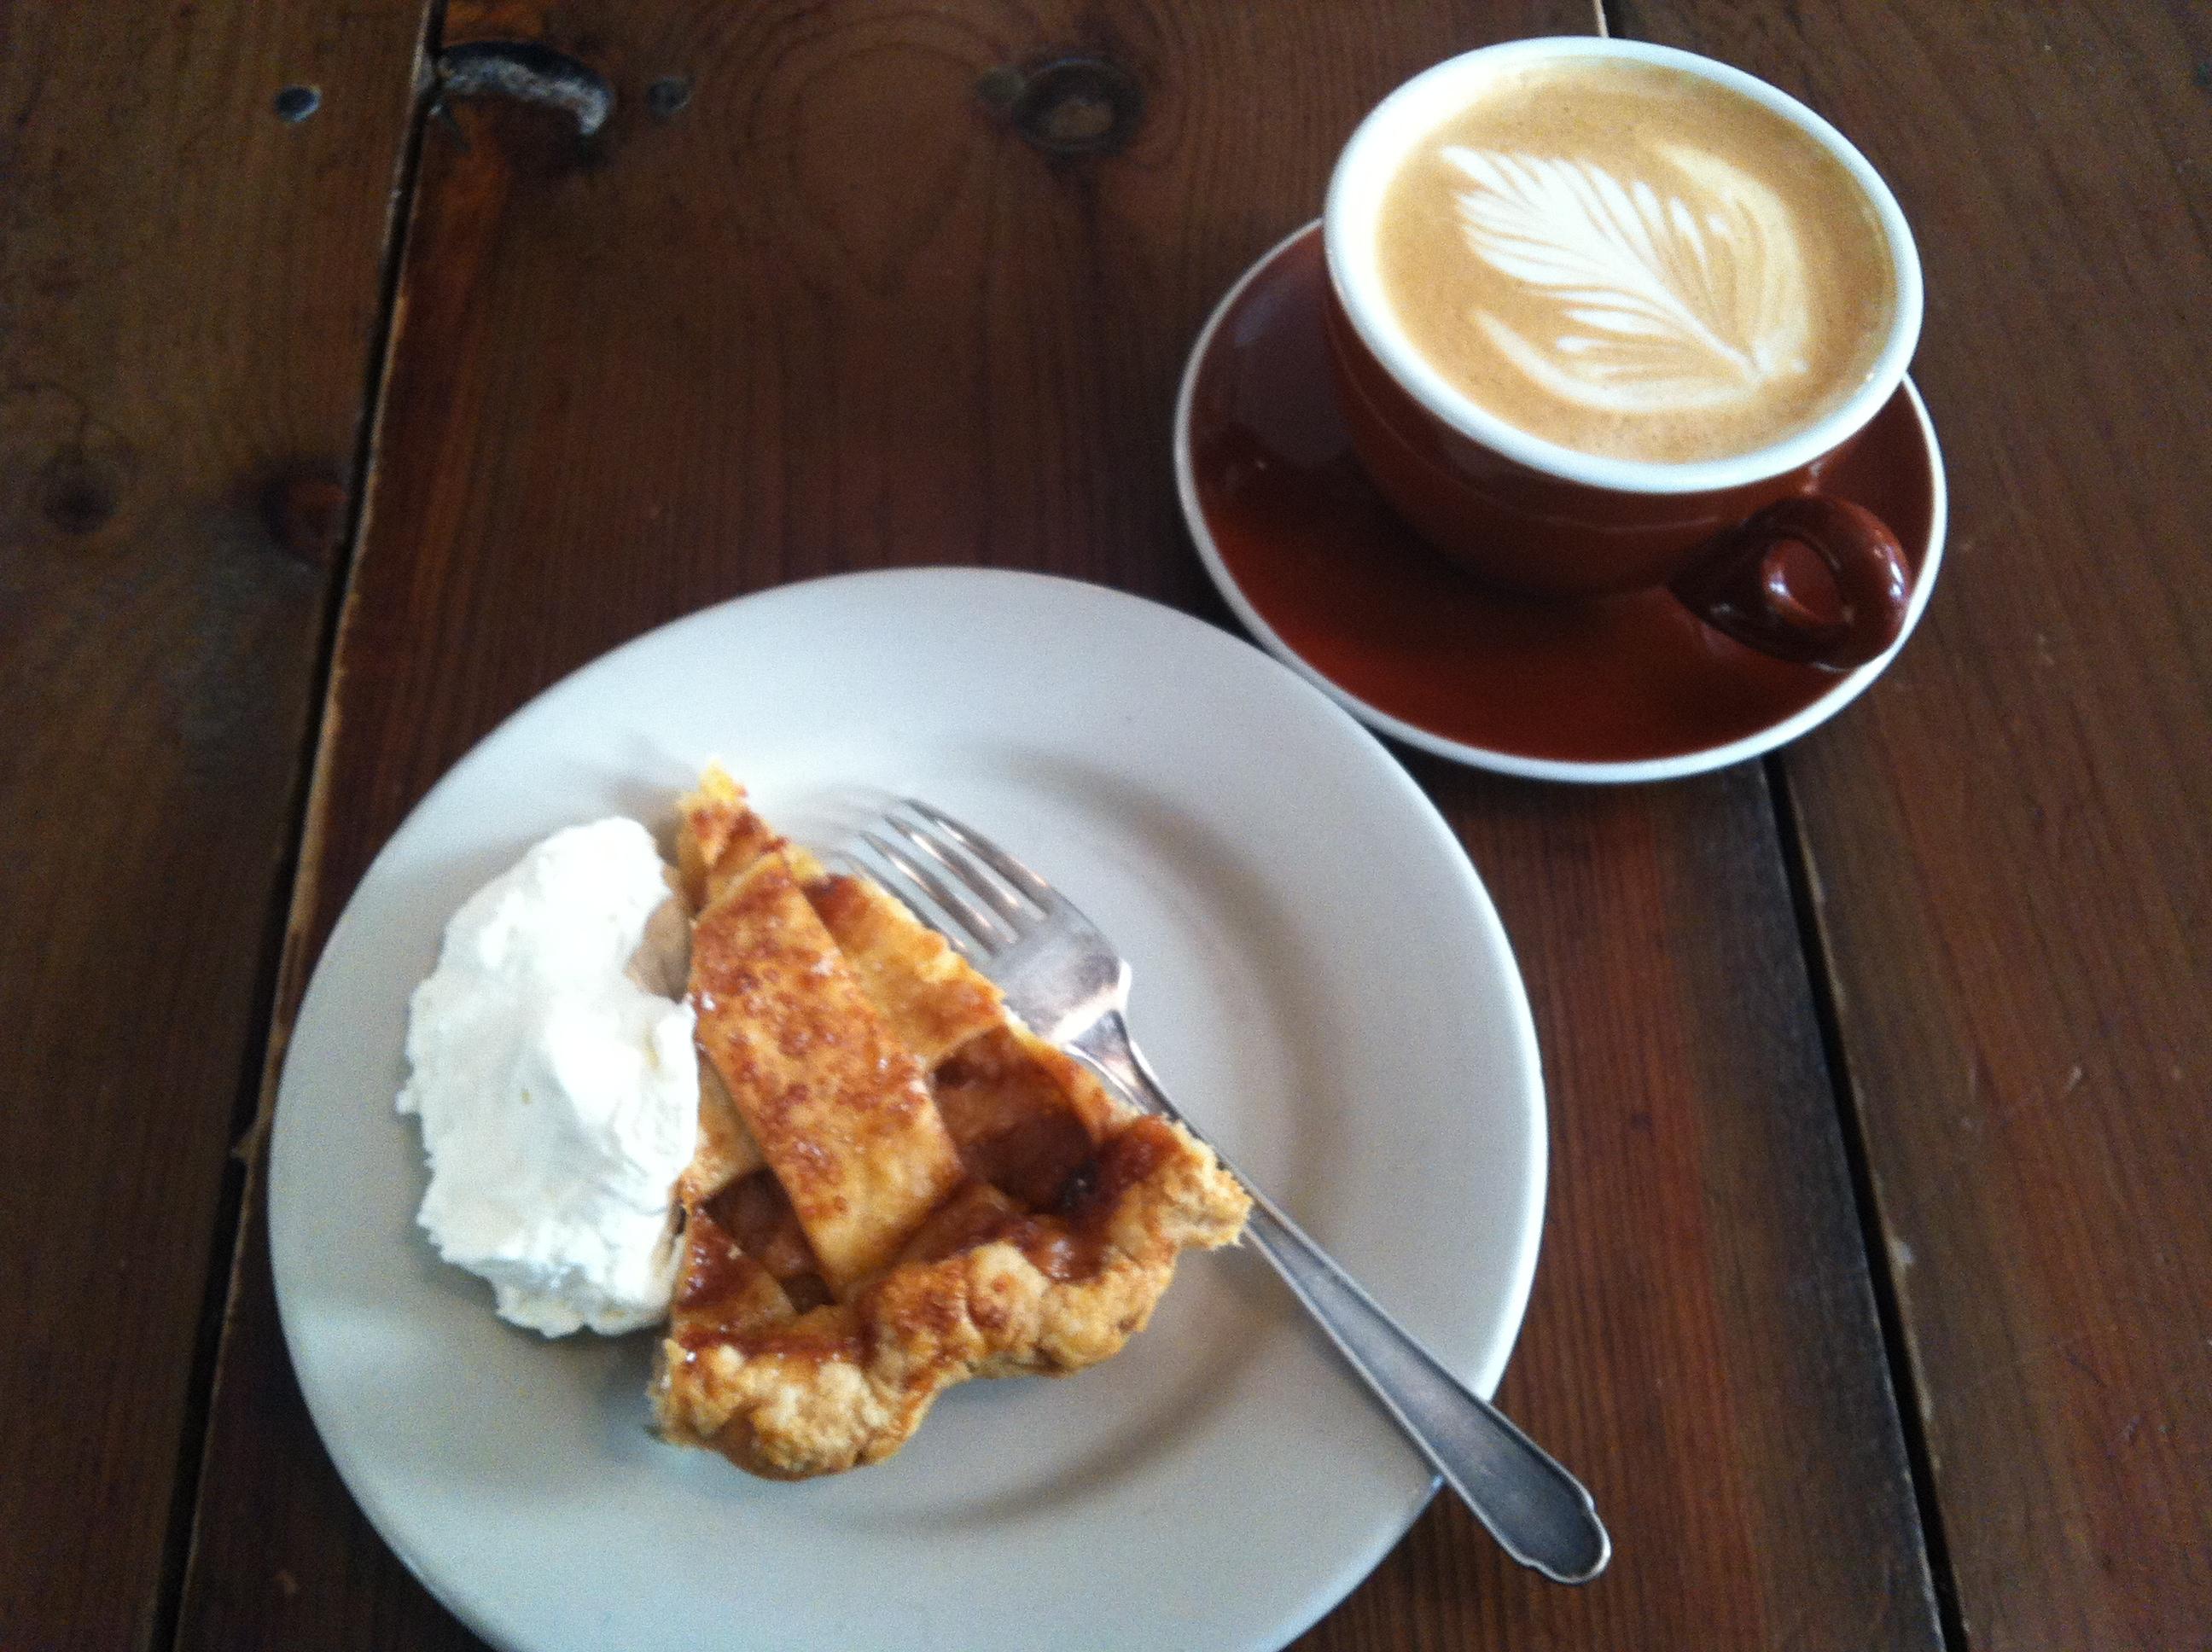 Coffee + Pie